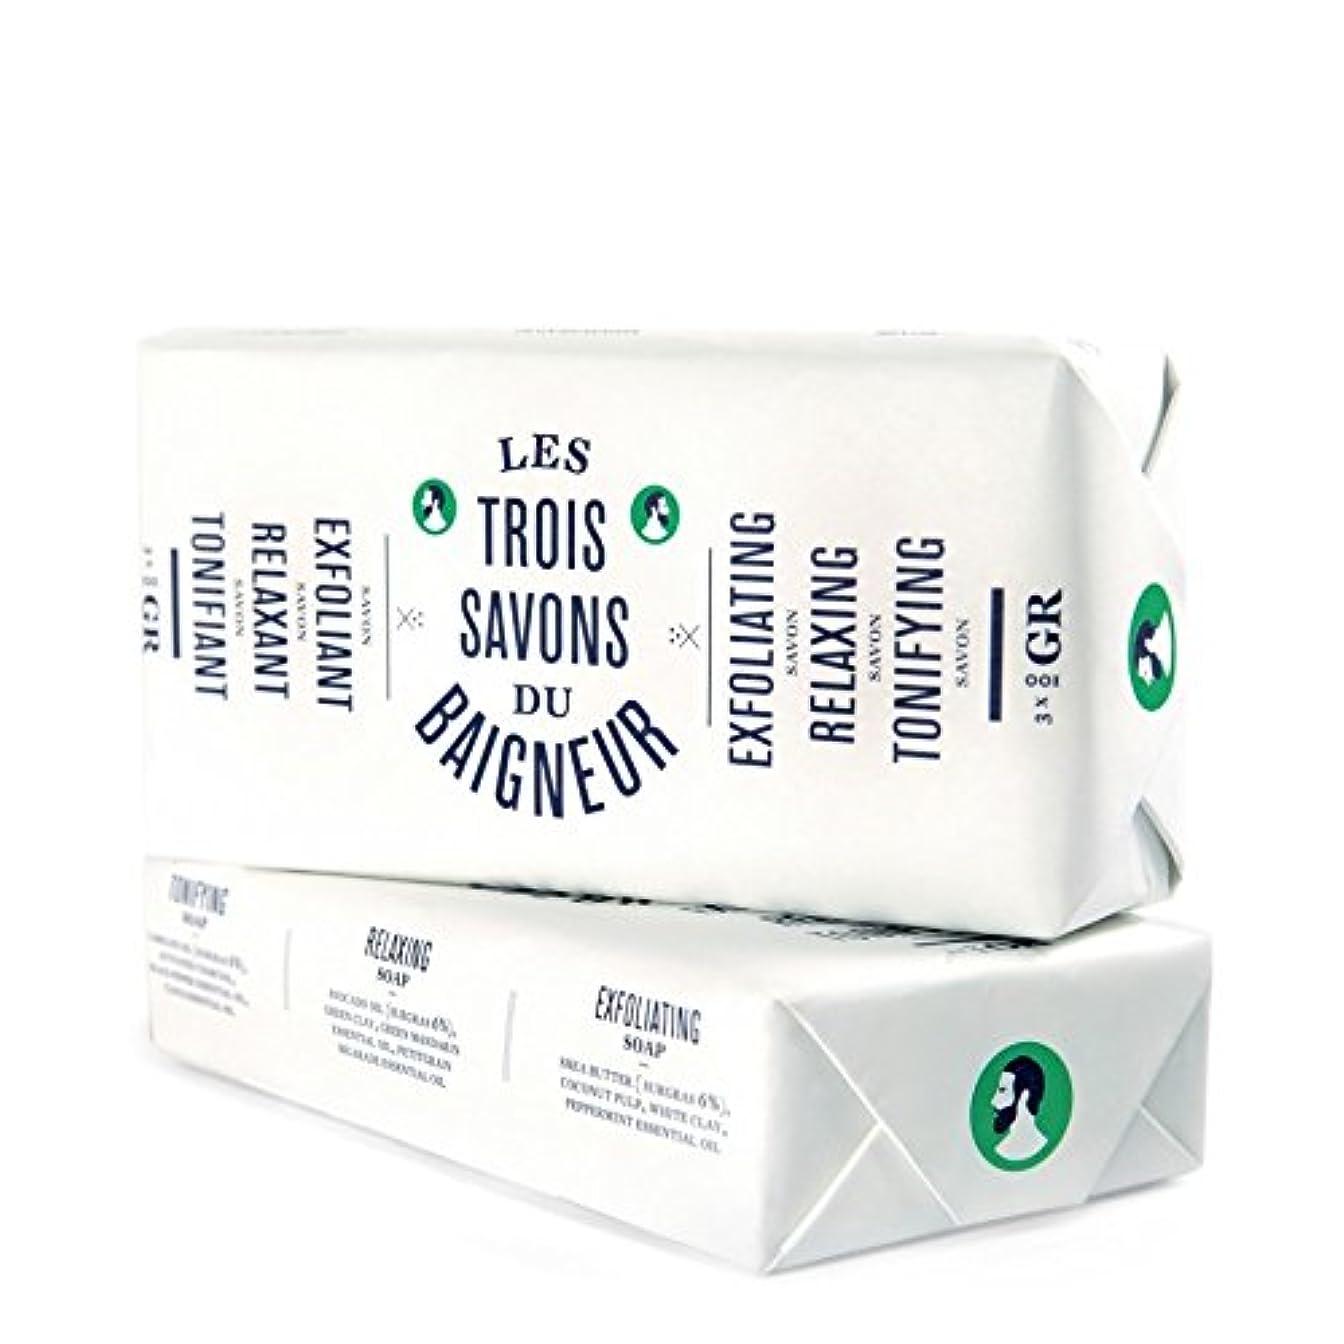 酔っ払い物理的な第五ル石鹸セット300グラム x2 - Le Baigneur Soap Set 300g (Pack of 2) [並行輸入品]